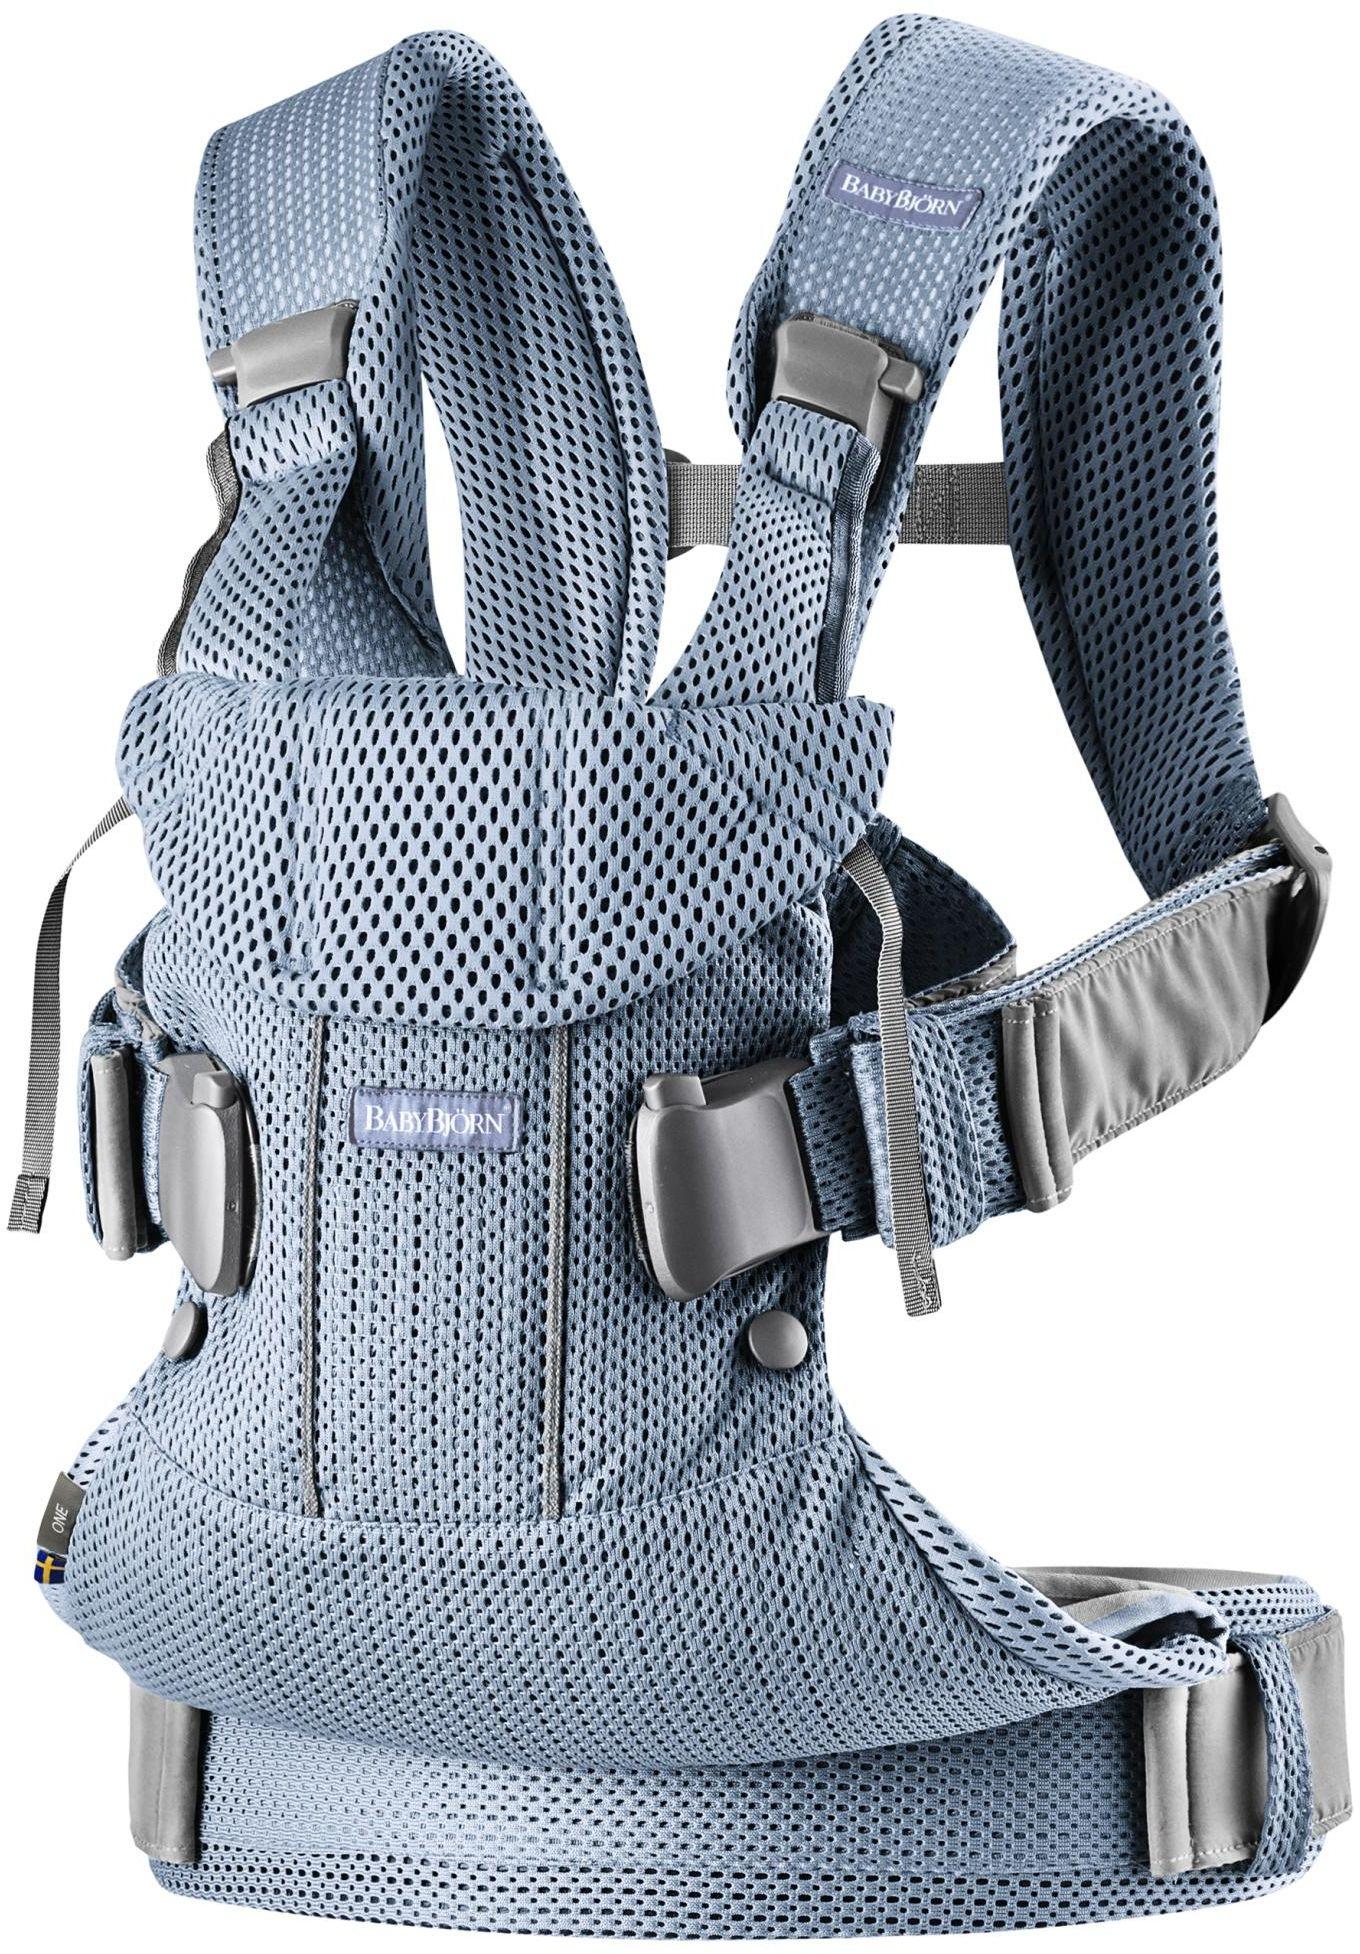 BABYBJORN ONE AIR 3D MESH - nosidełko, Niebieski